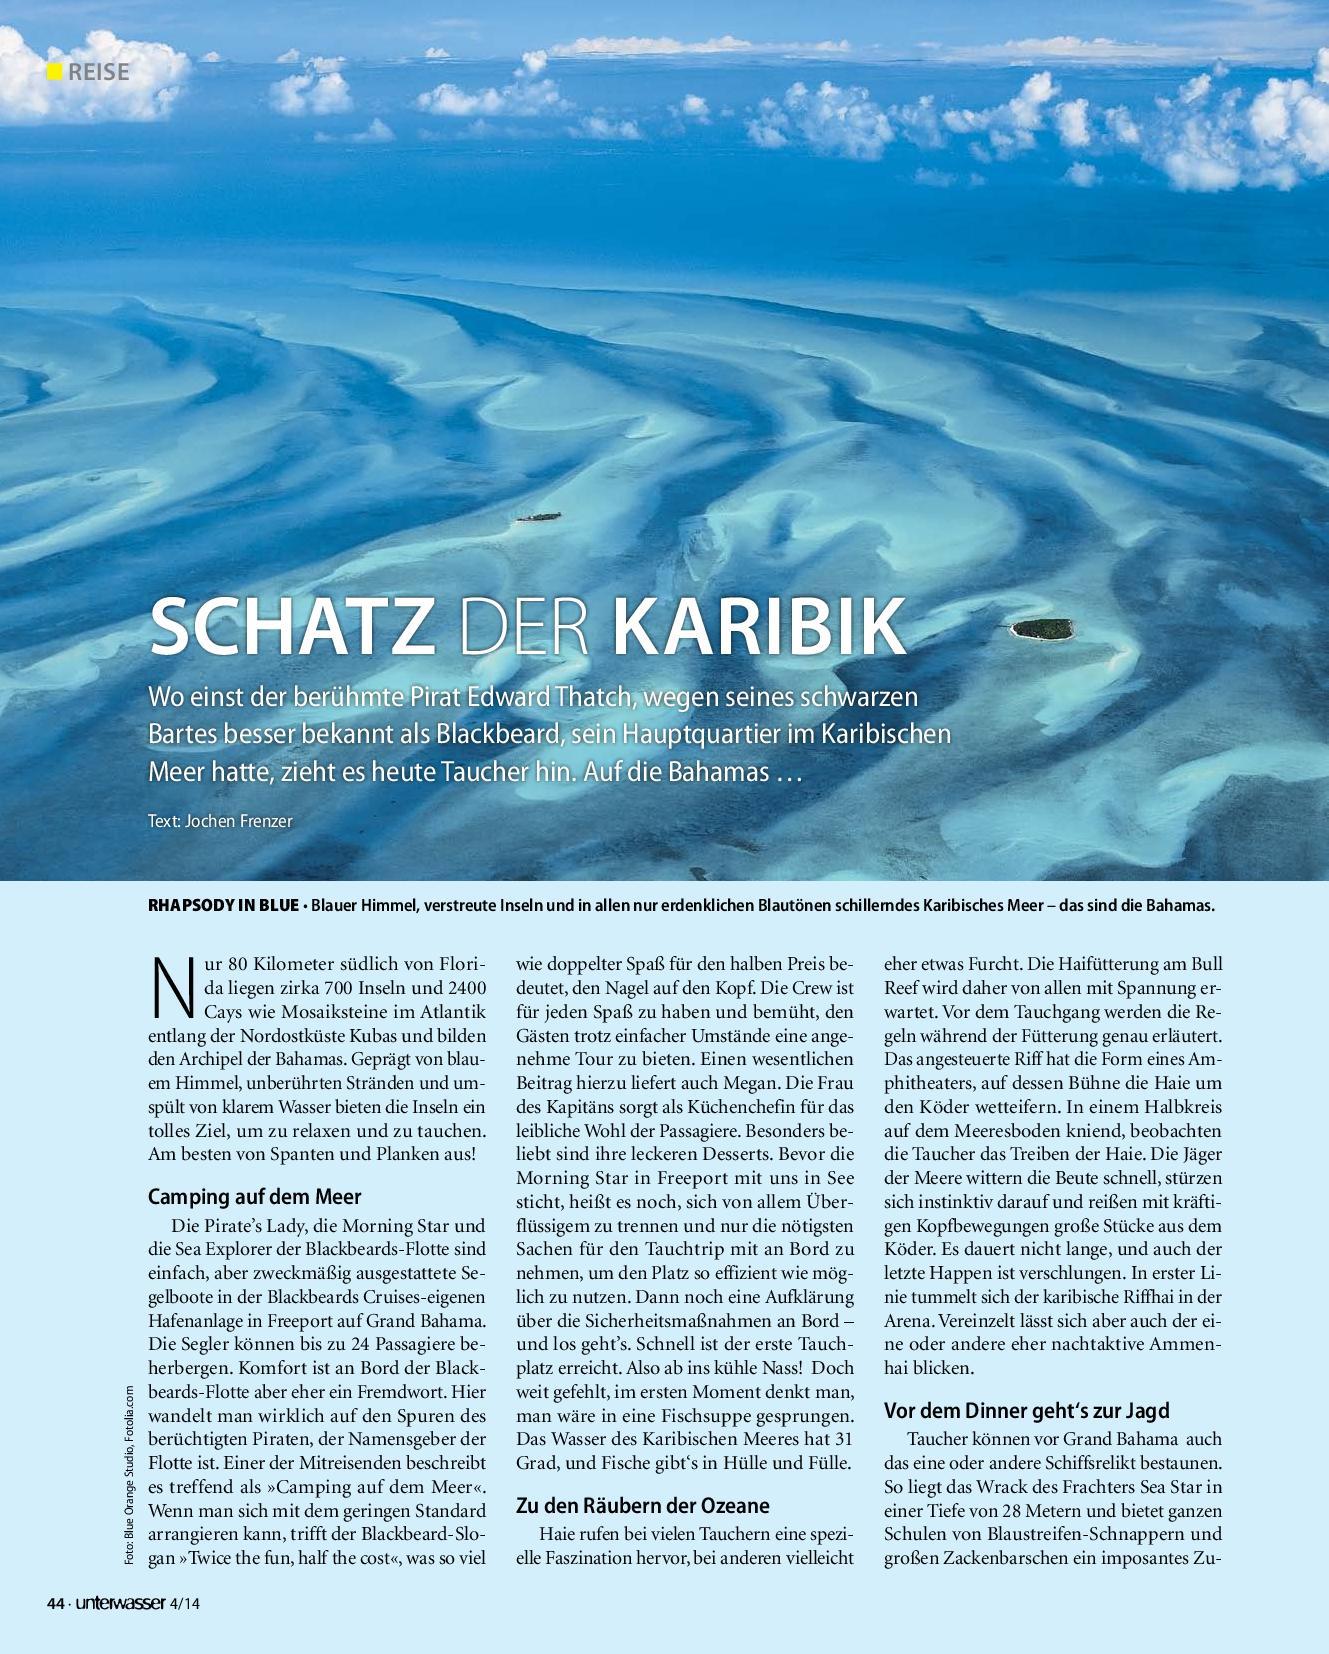 Unterwasser 04/2014 - Schatz der Karibik